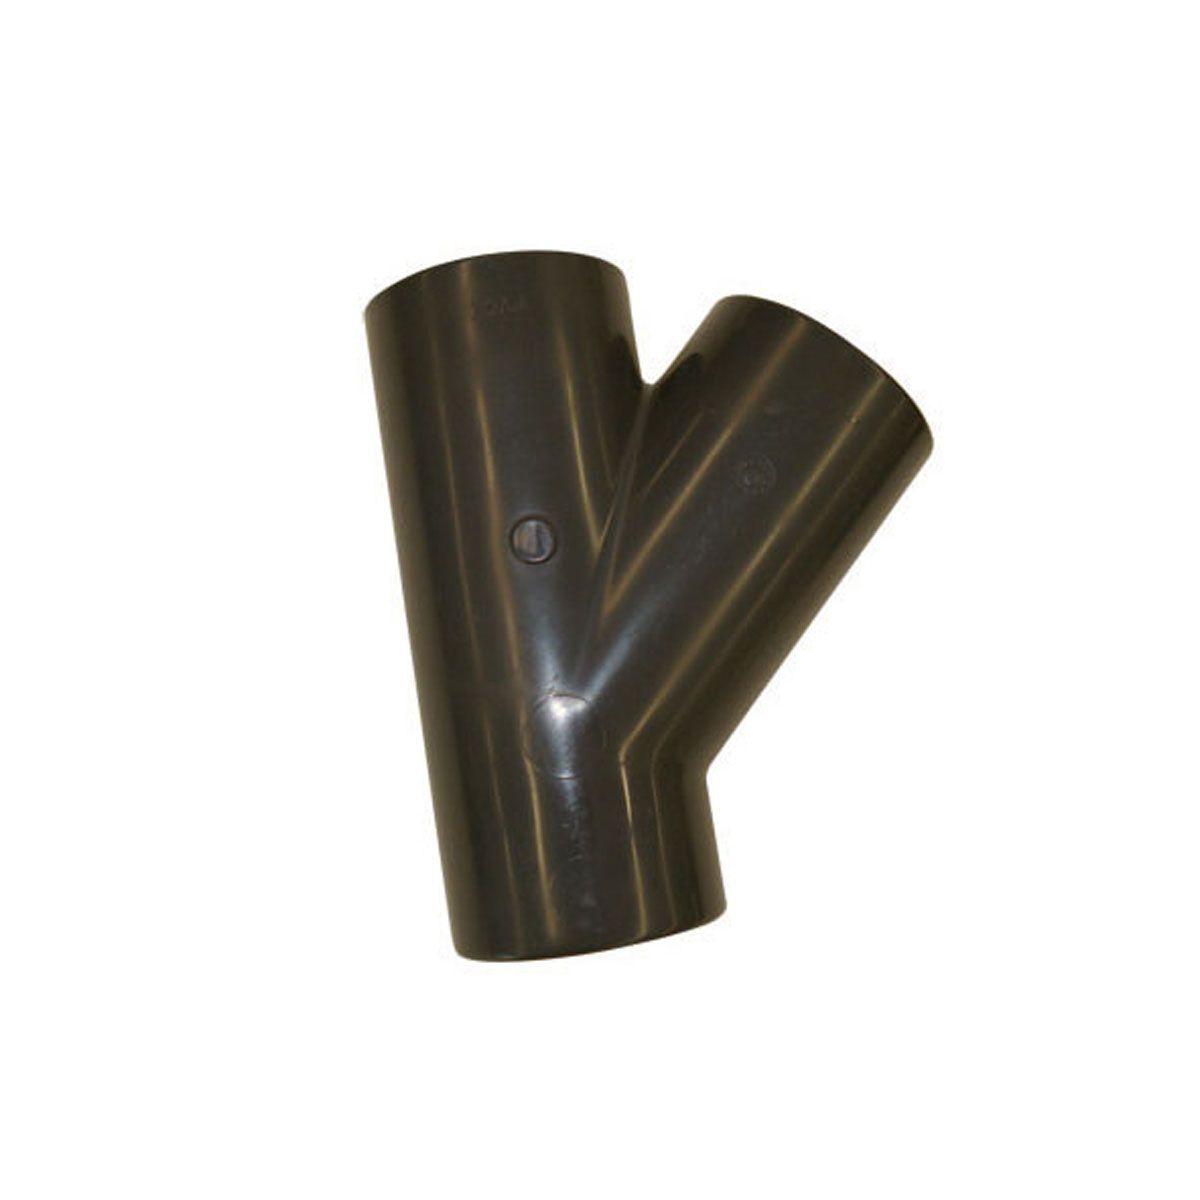 T-Stück 45° zum Kleben, aus PVC, grau, d 20 mm, PN 16